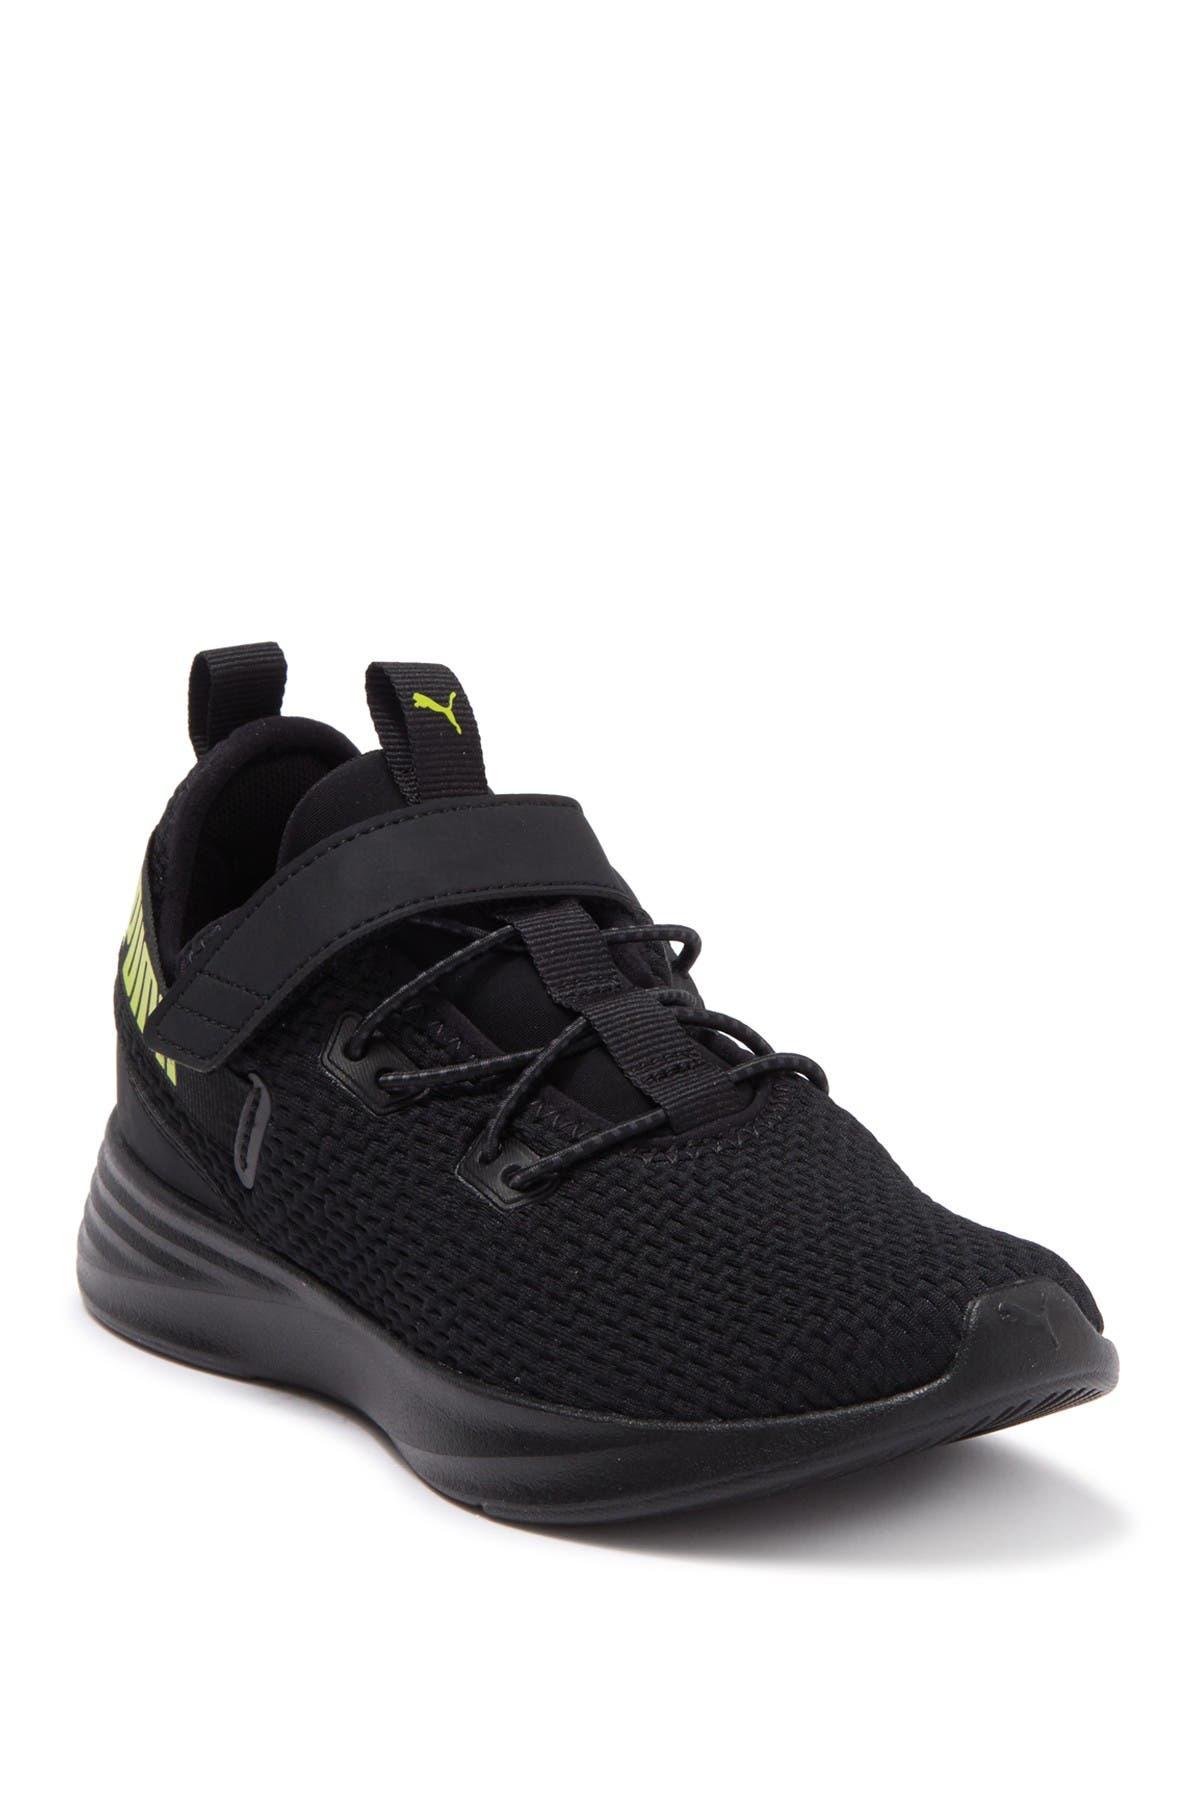 Image of PUMA Throttle V Sneaker